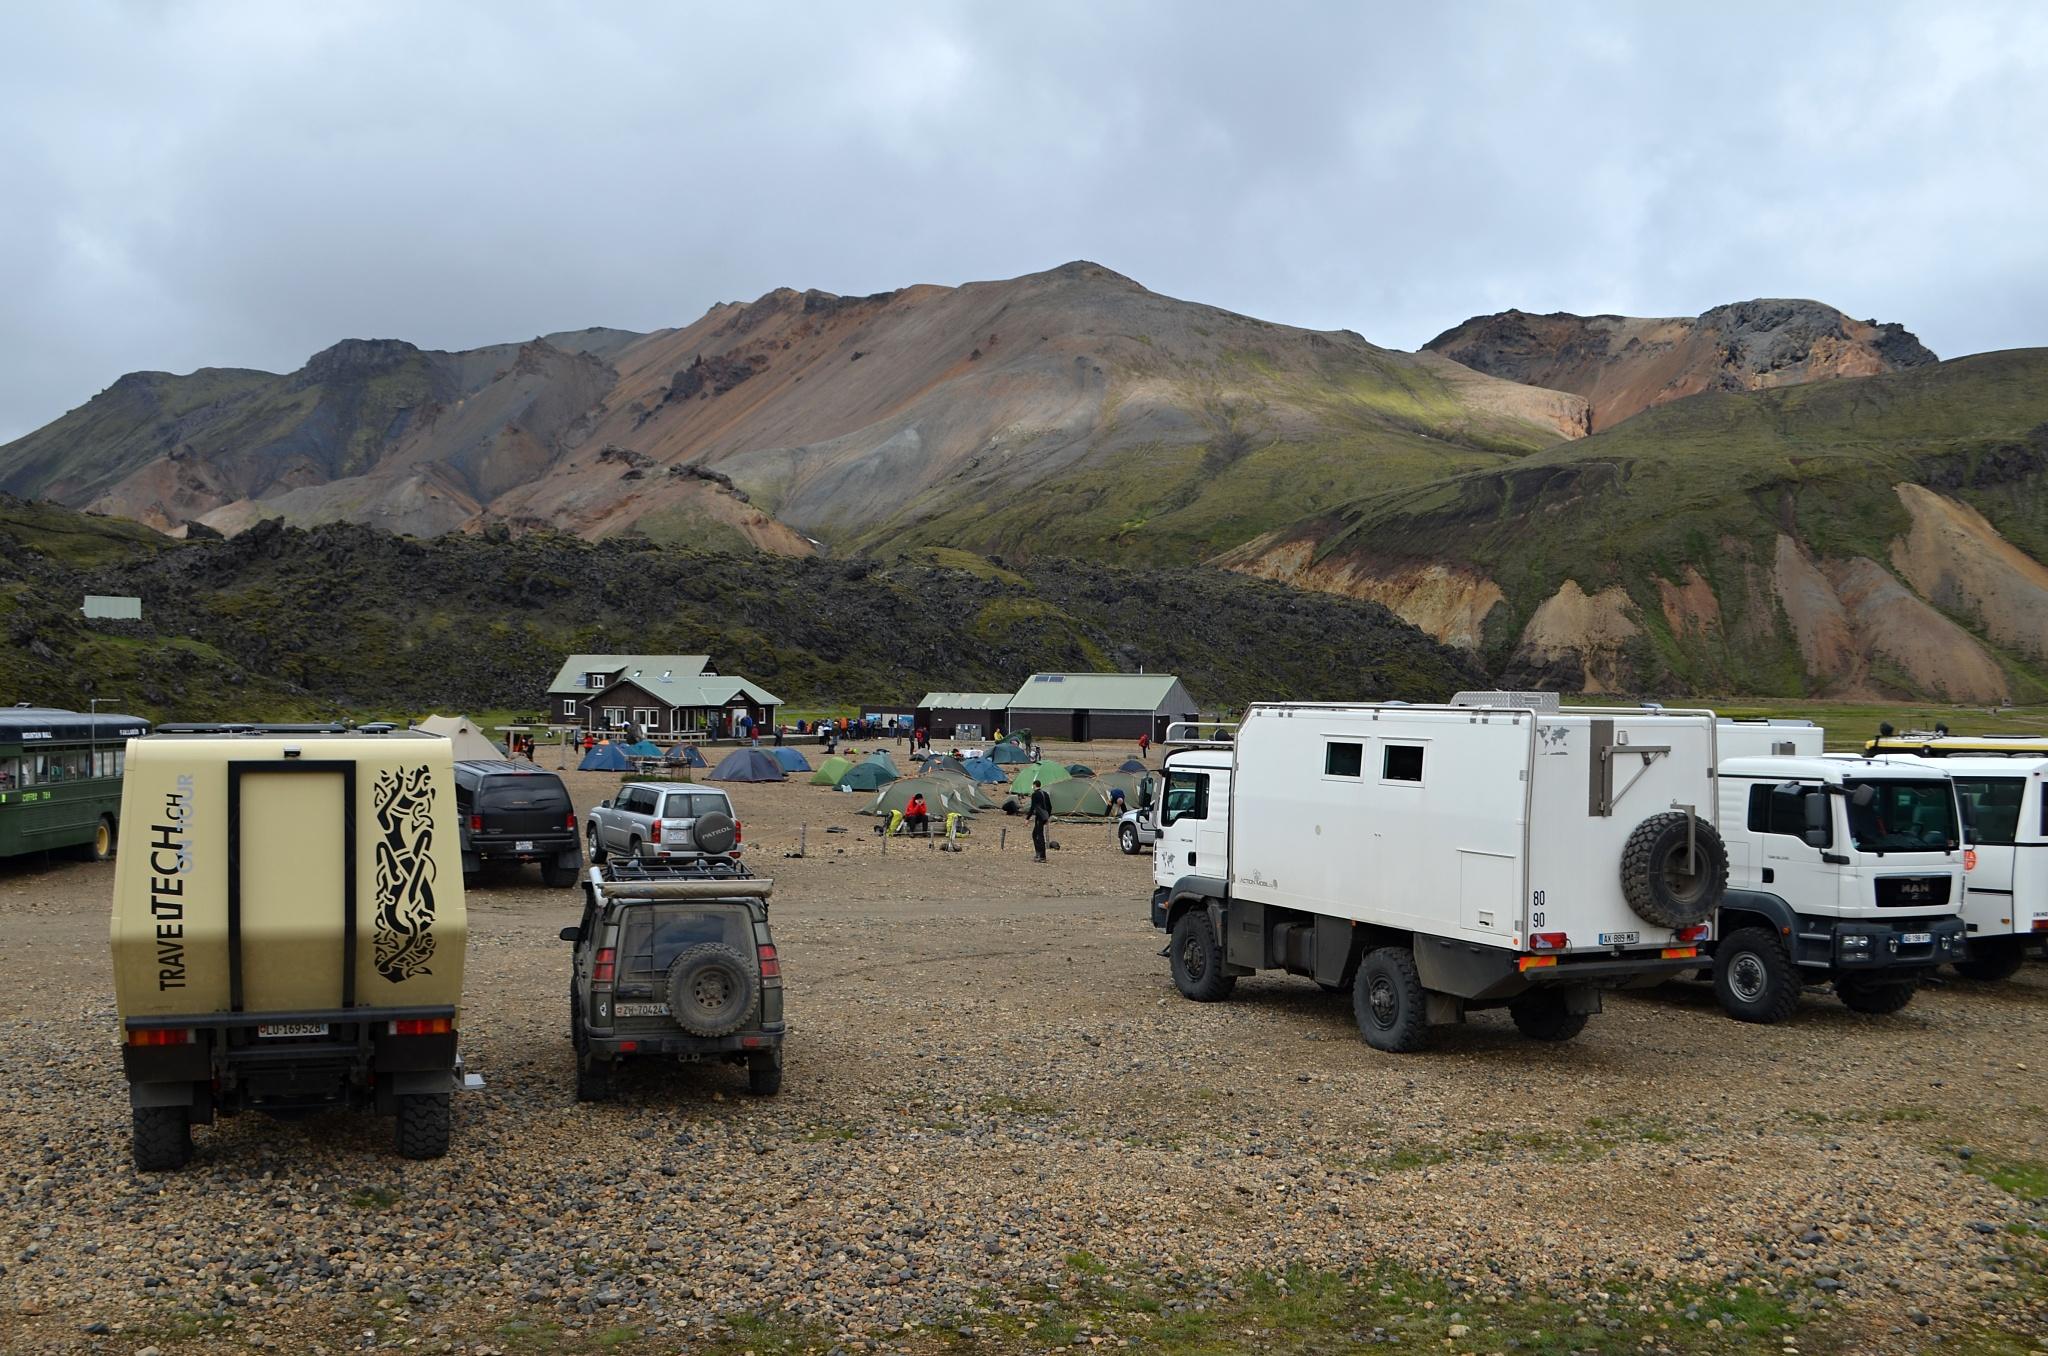 Terénní karavany pro zhýčkané turisty